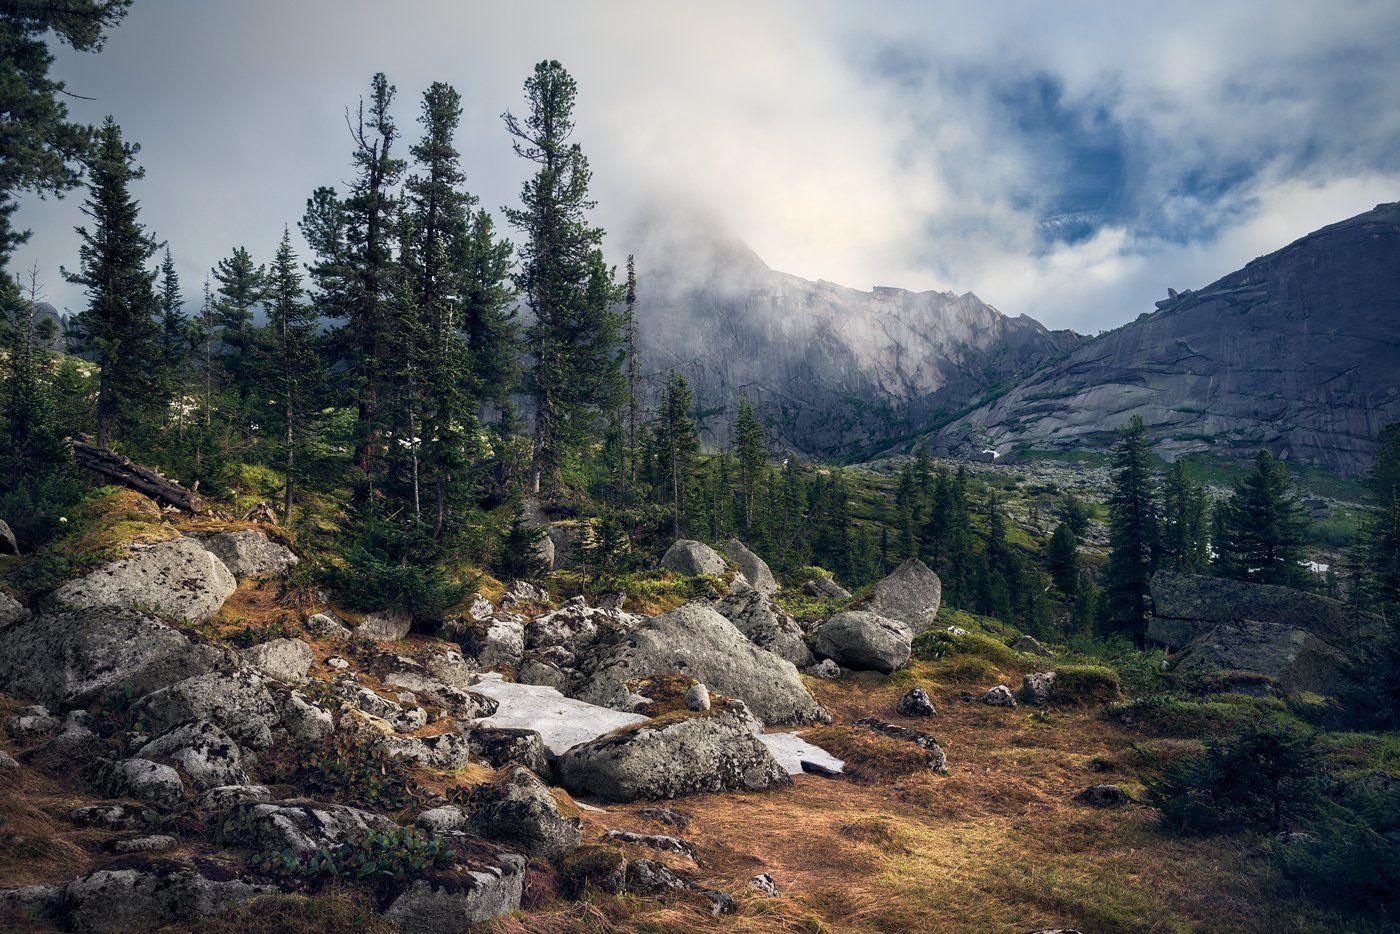 пейзаж, природа, горы, хребет, ергаки, парк, красноярский край, сибирь, перевал, камни, полянка, высокий, большой, красивая, снег, холодный, чистый, Дмитрий Антипов